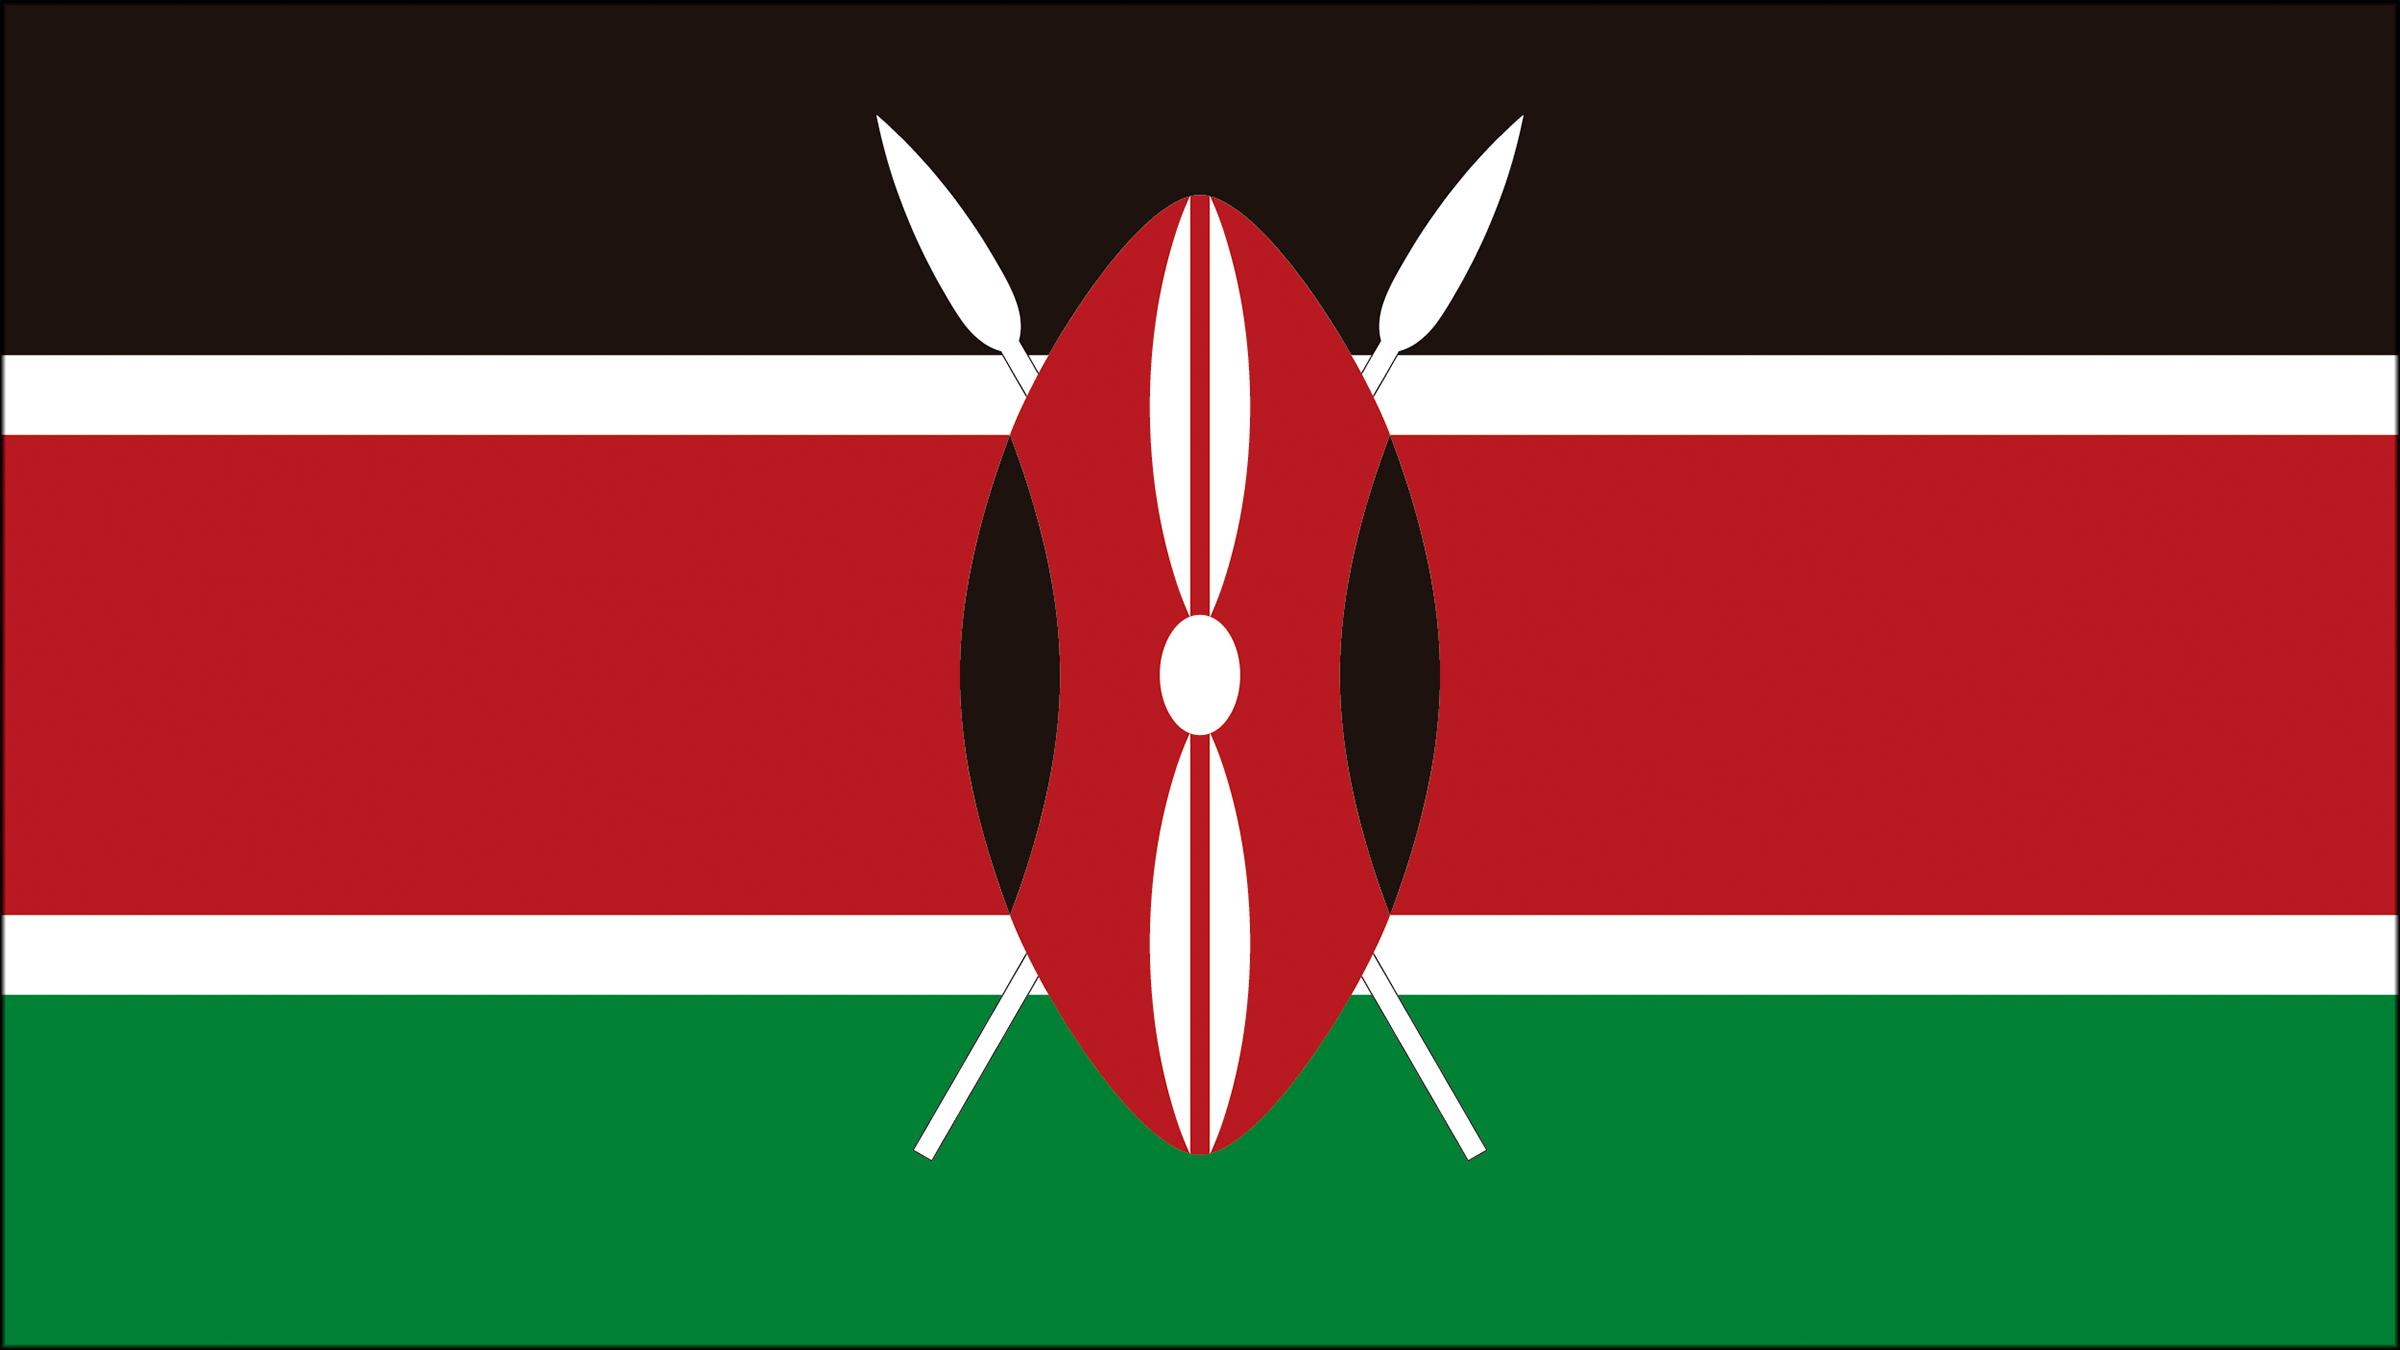 Bandera De Kenia Bandera De Kenia Kenia Bandera De Africa